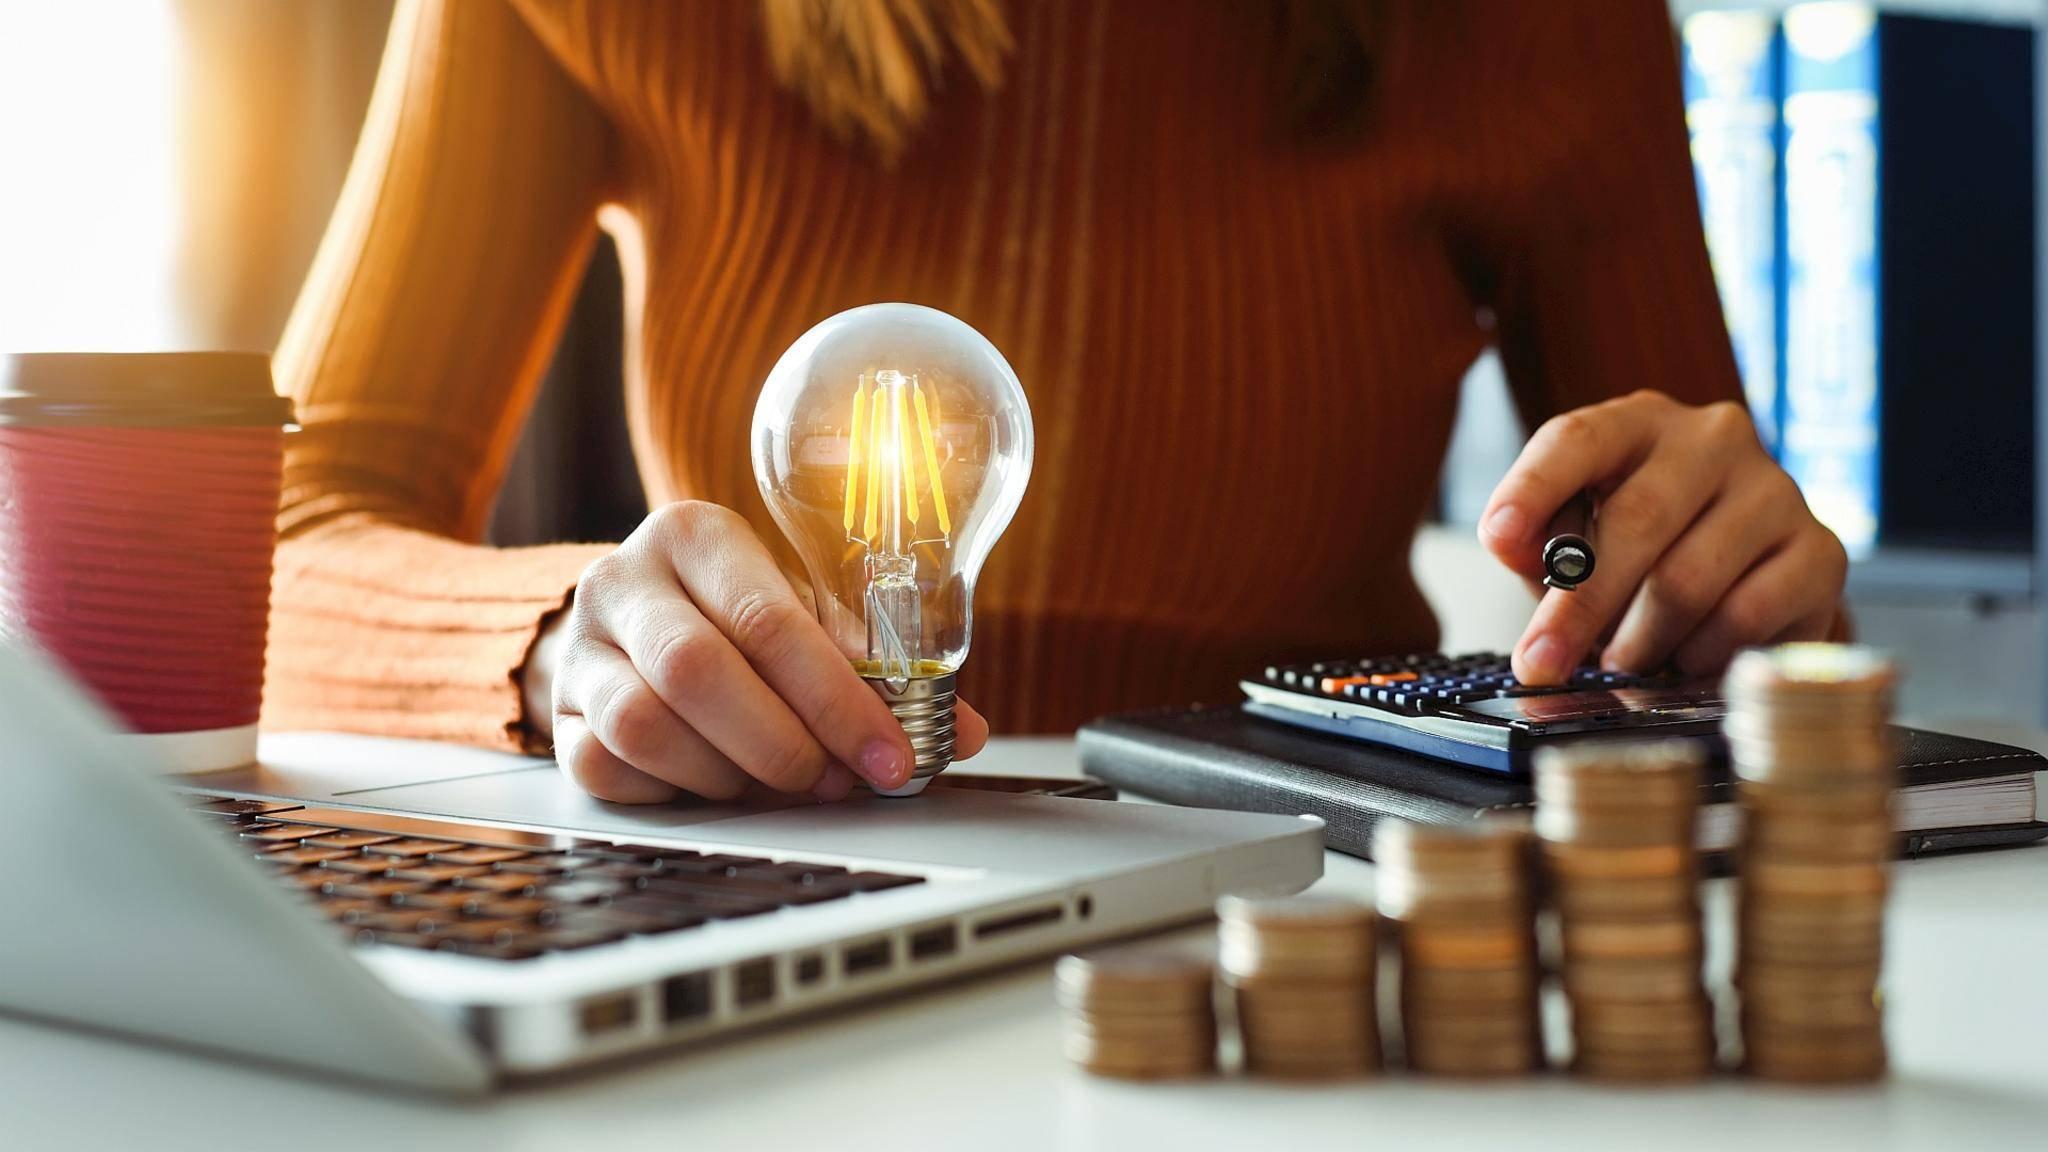 energie-sparen-haushalt-laptop-birne